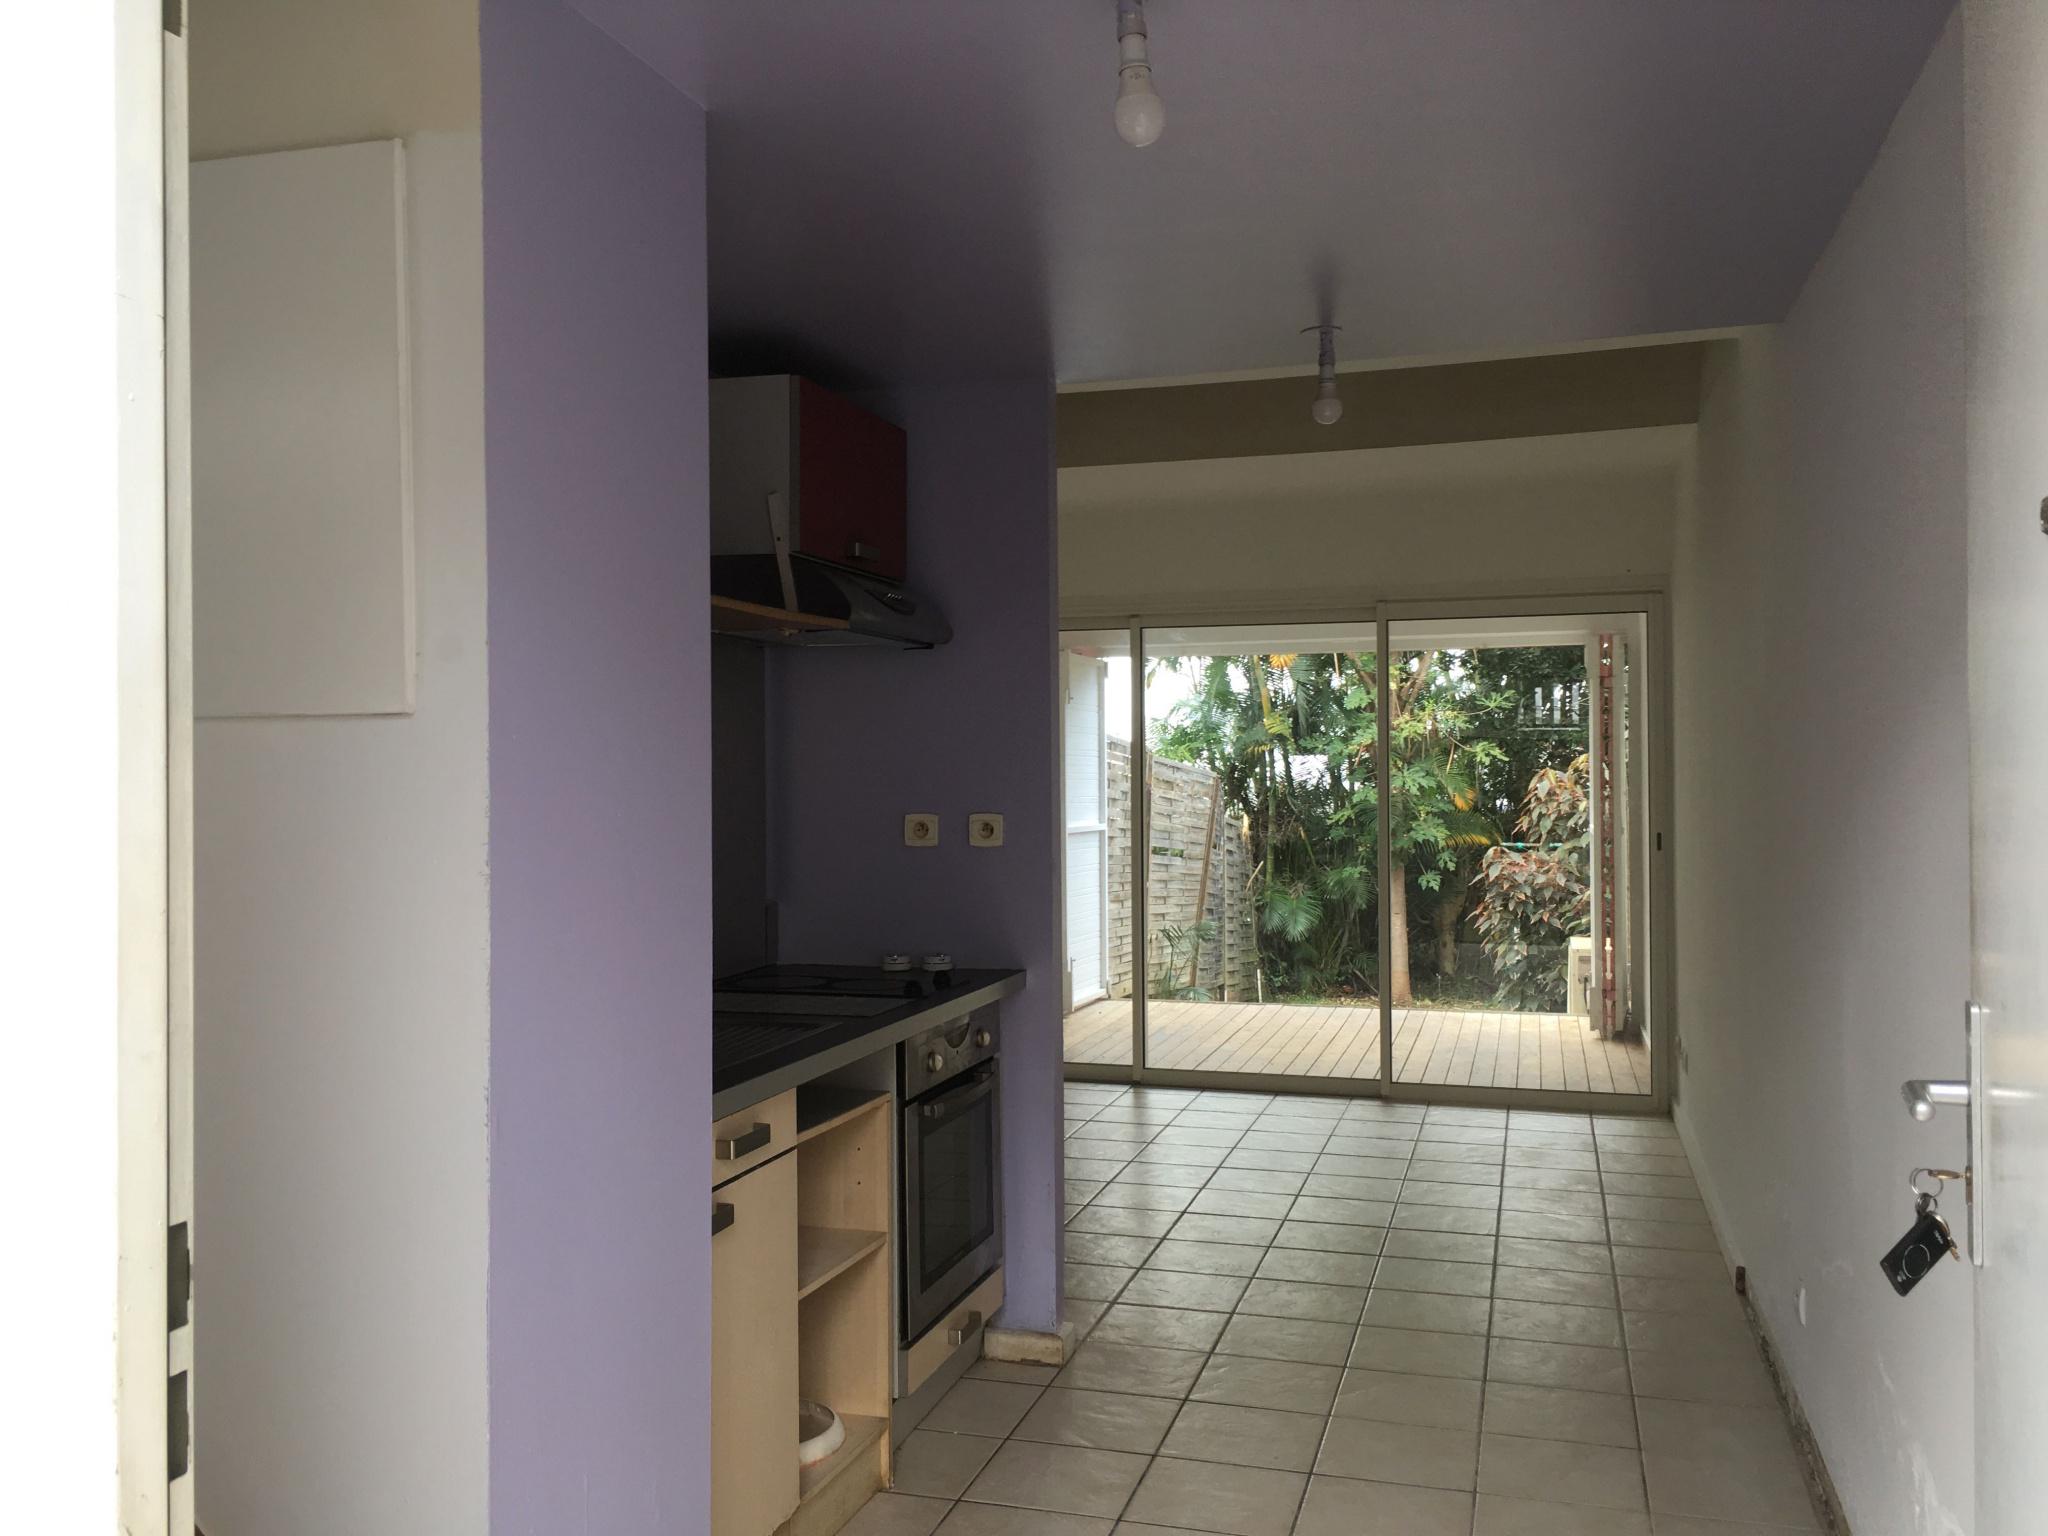 Entrée, cuisine, salle à manger, varangue, jardin